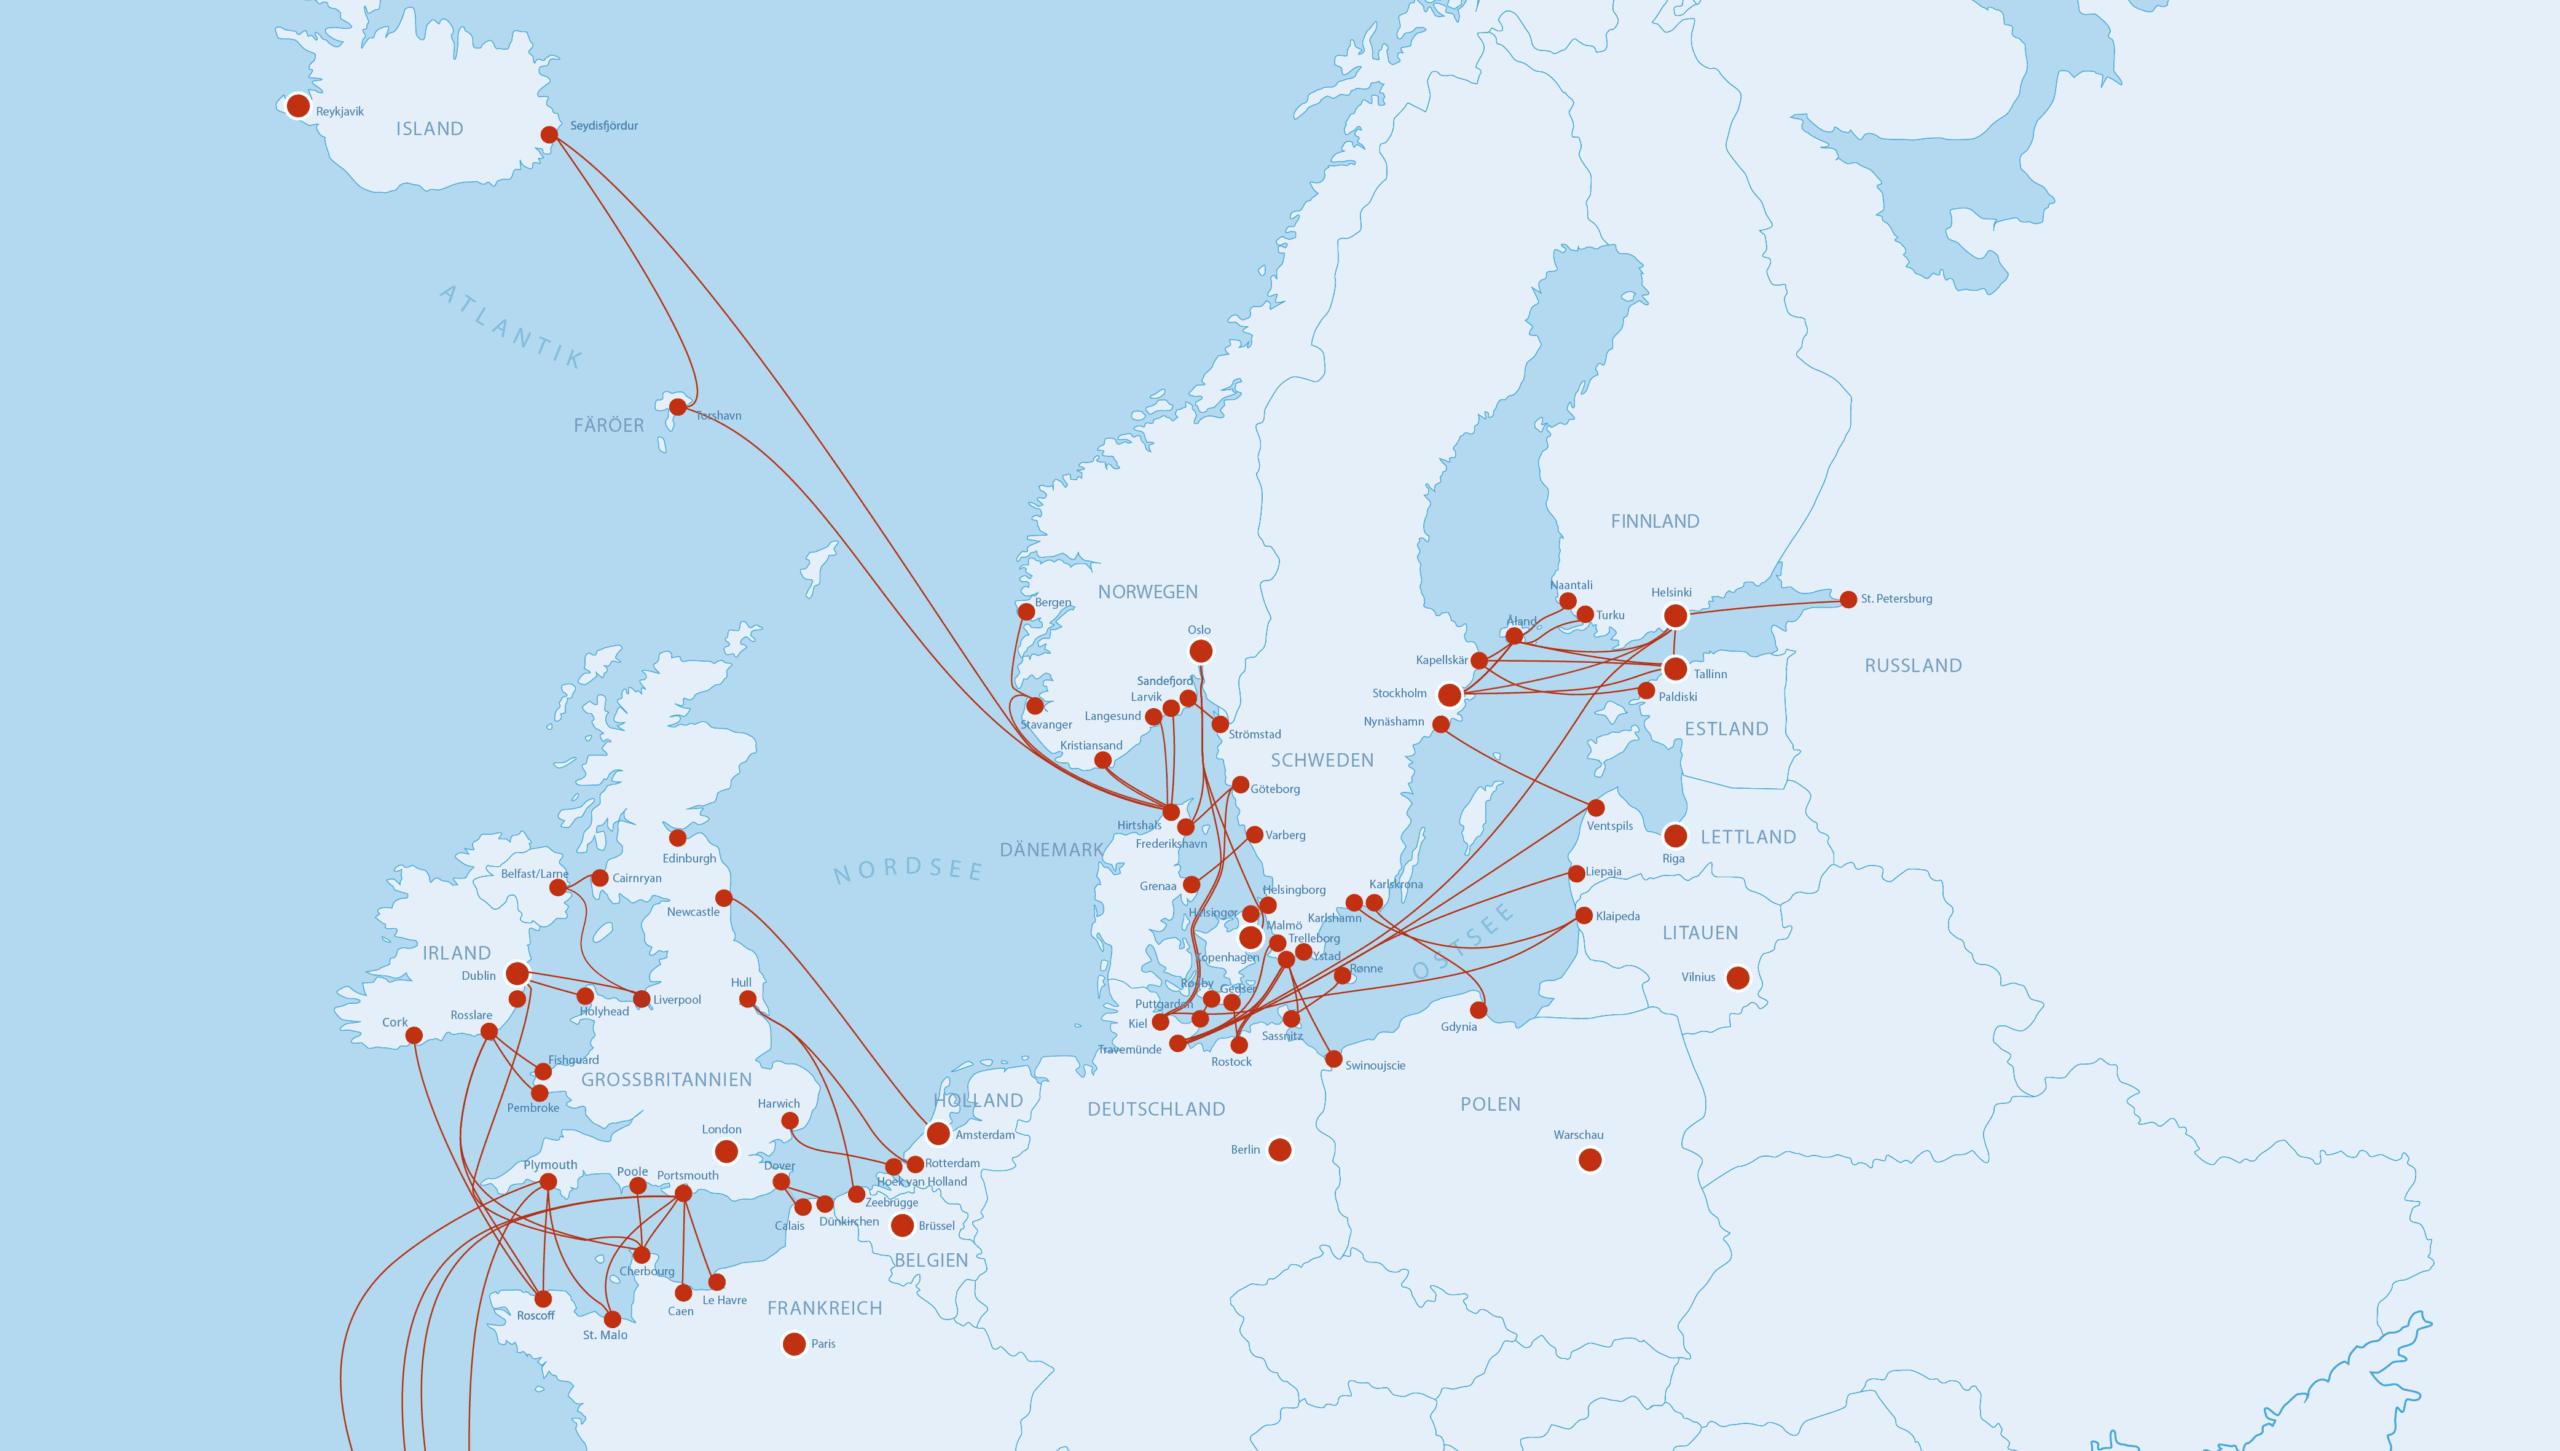 Fährkartenausschnitt Nordeuropa 429x301